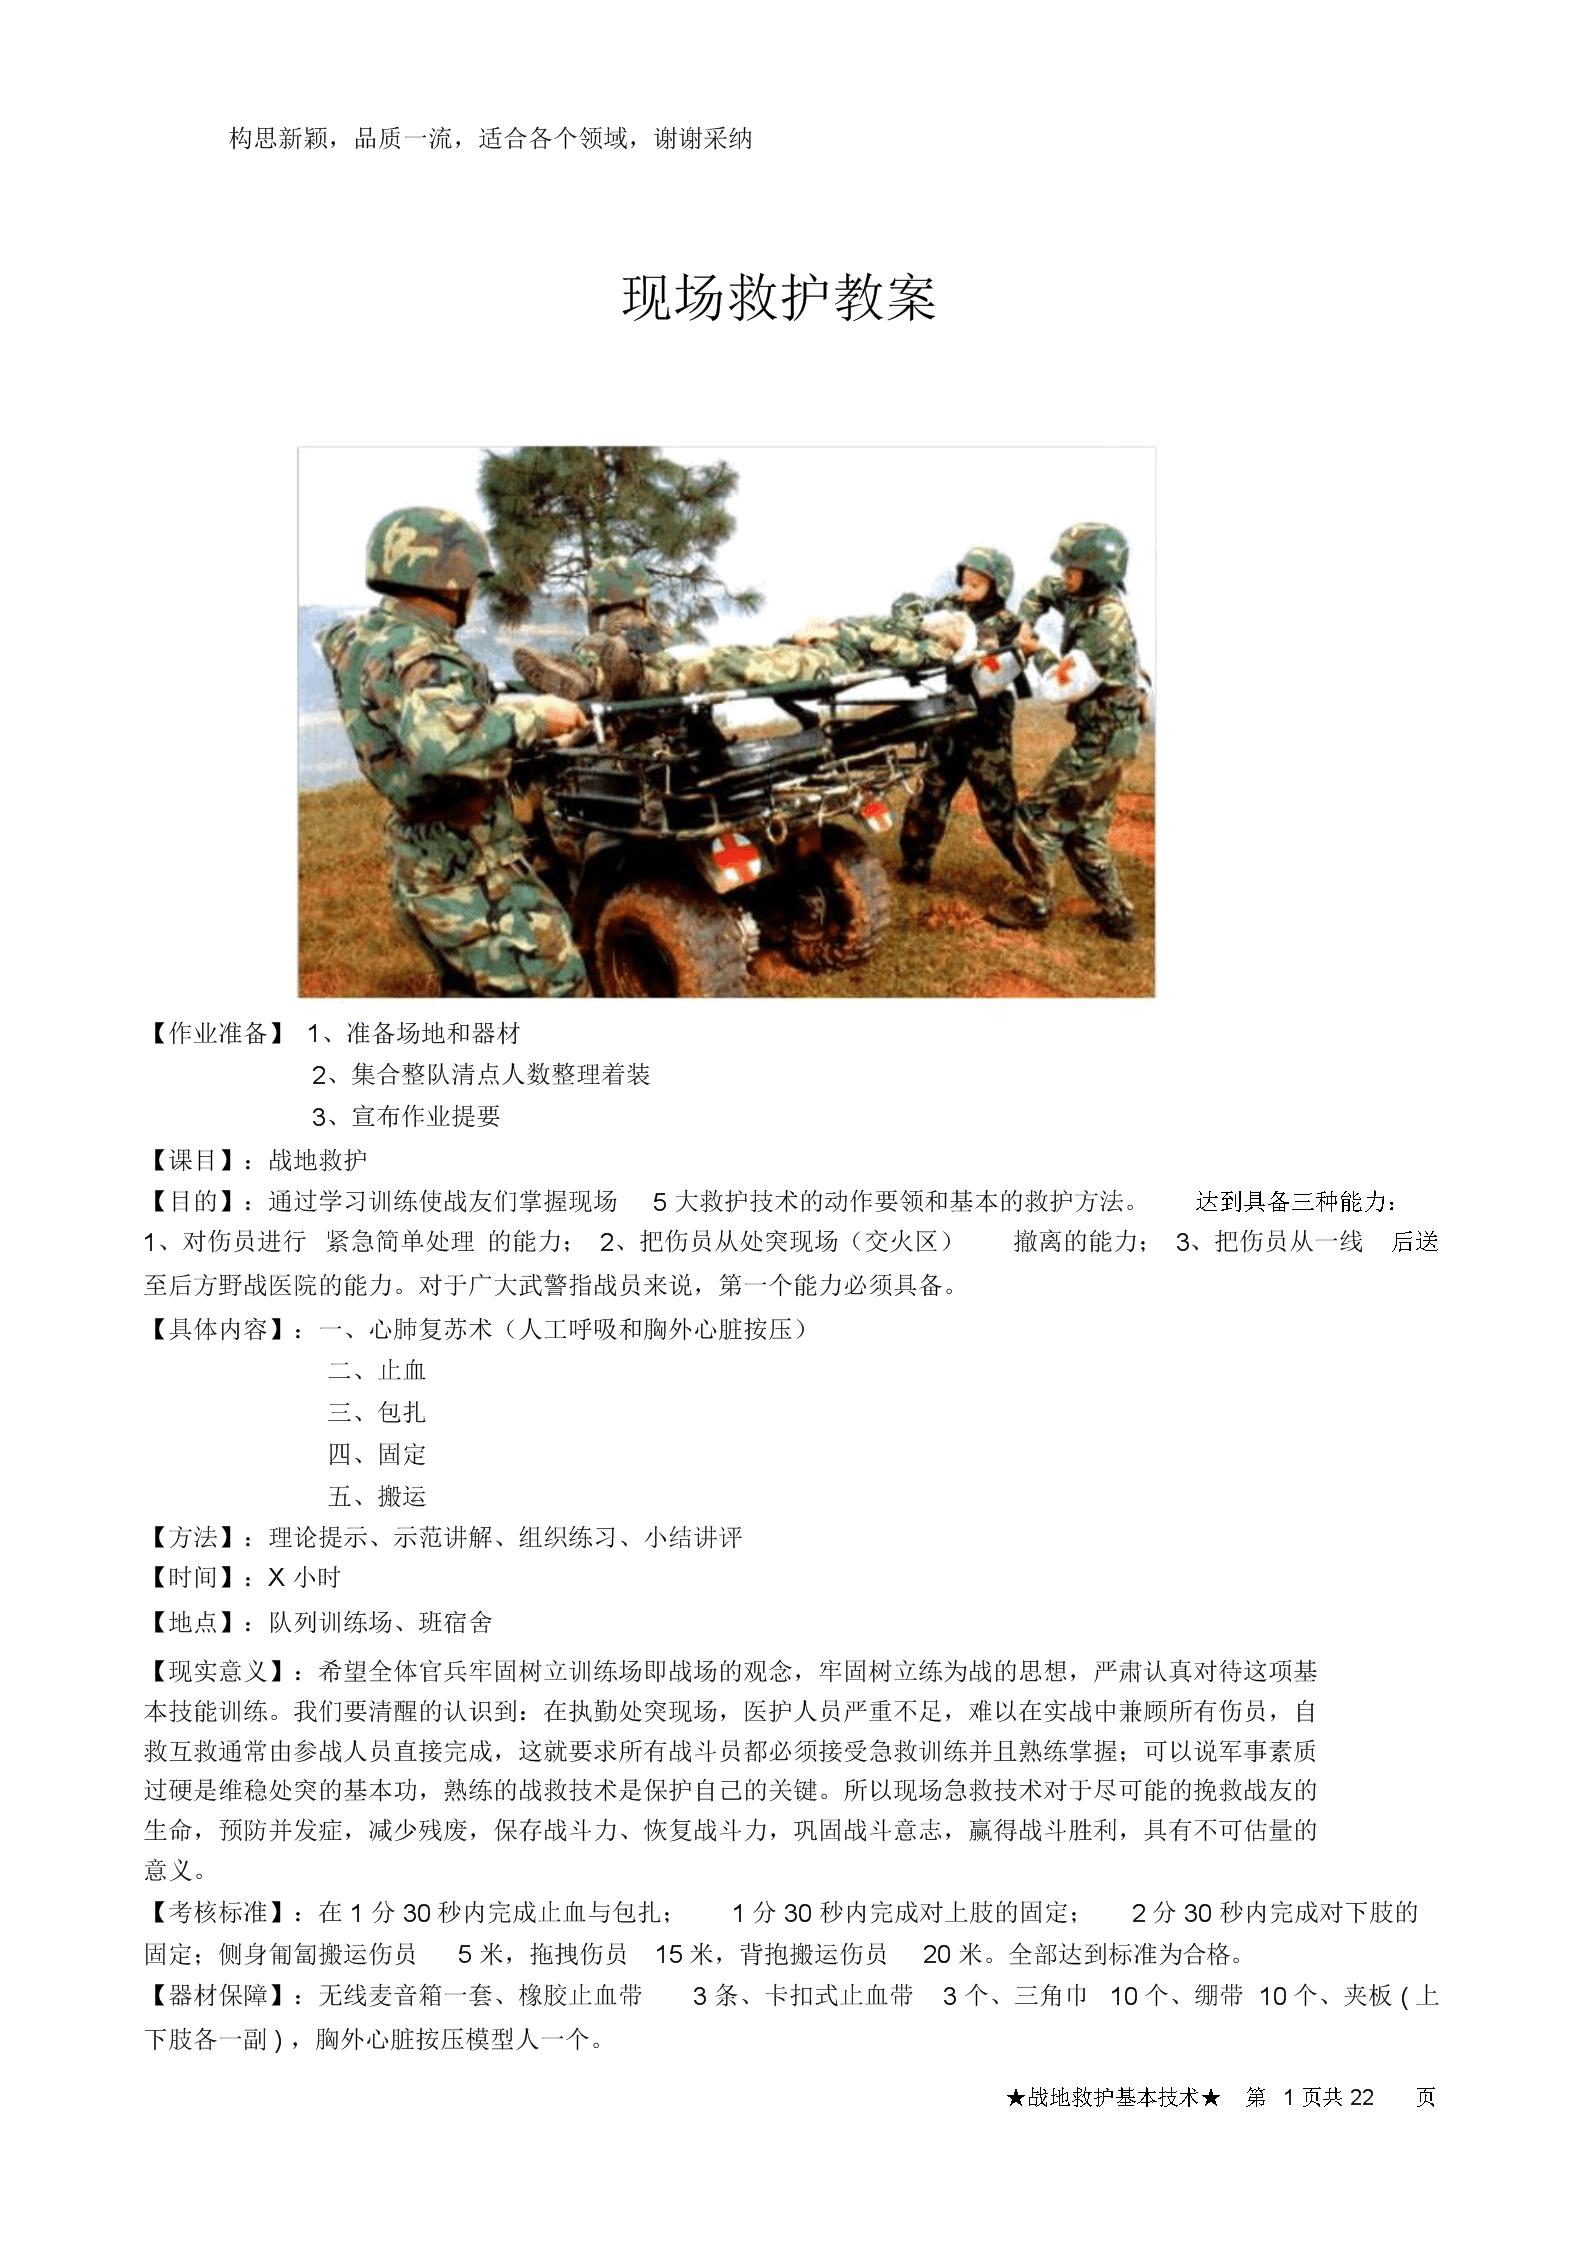 战地卫生以及救护学习教案.docx